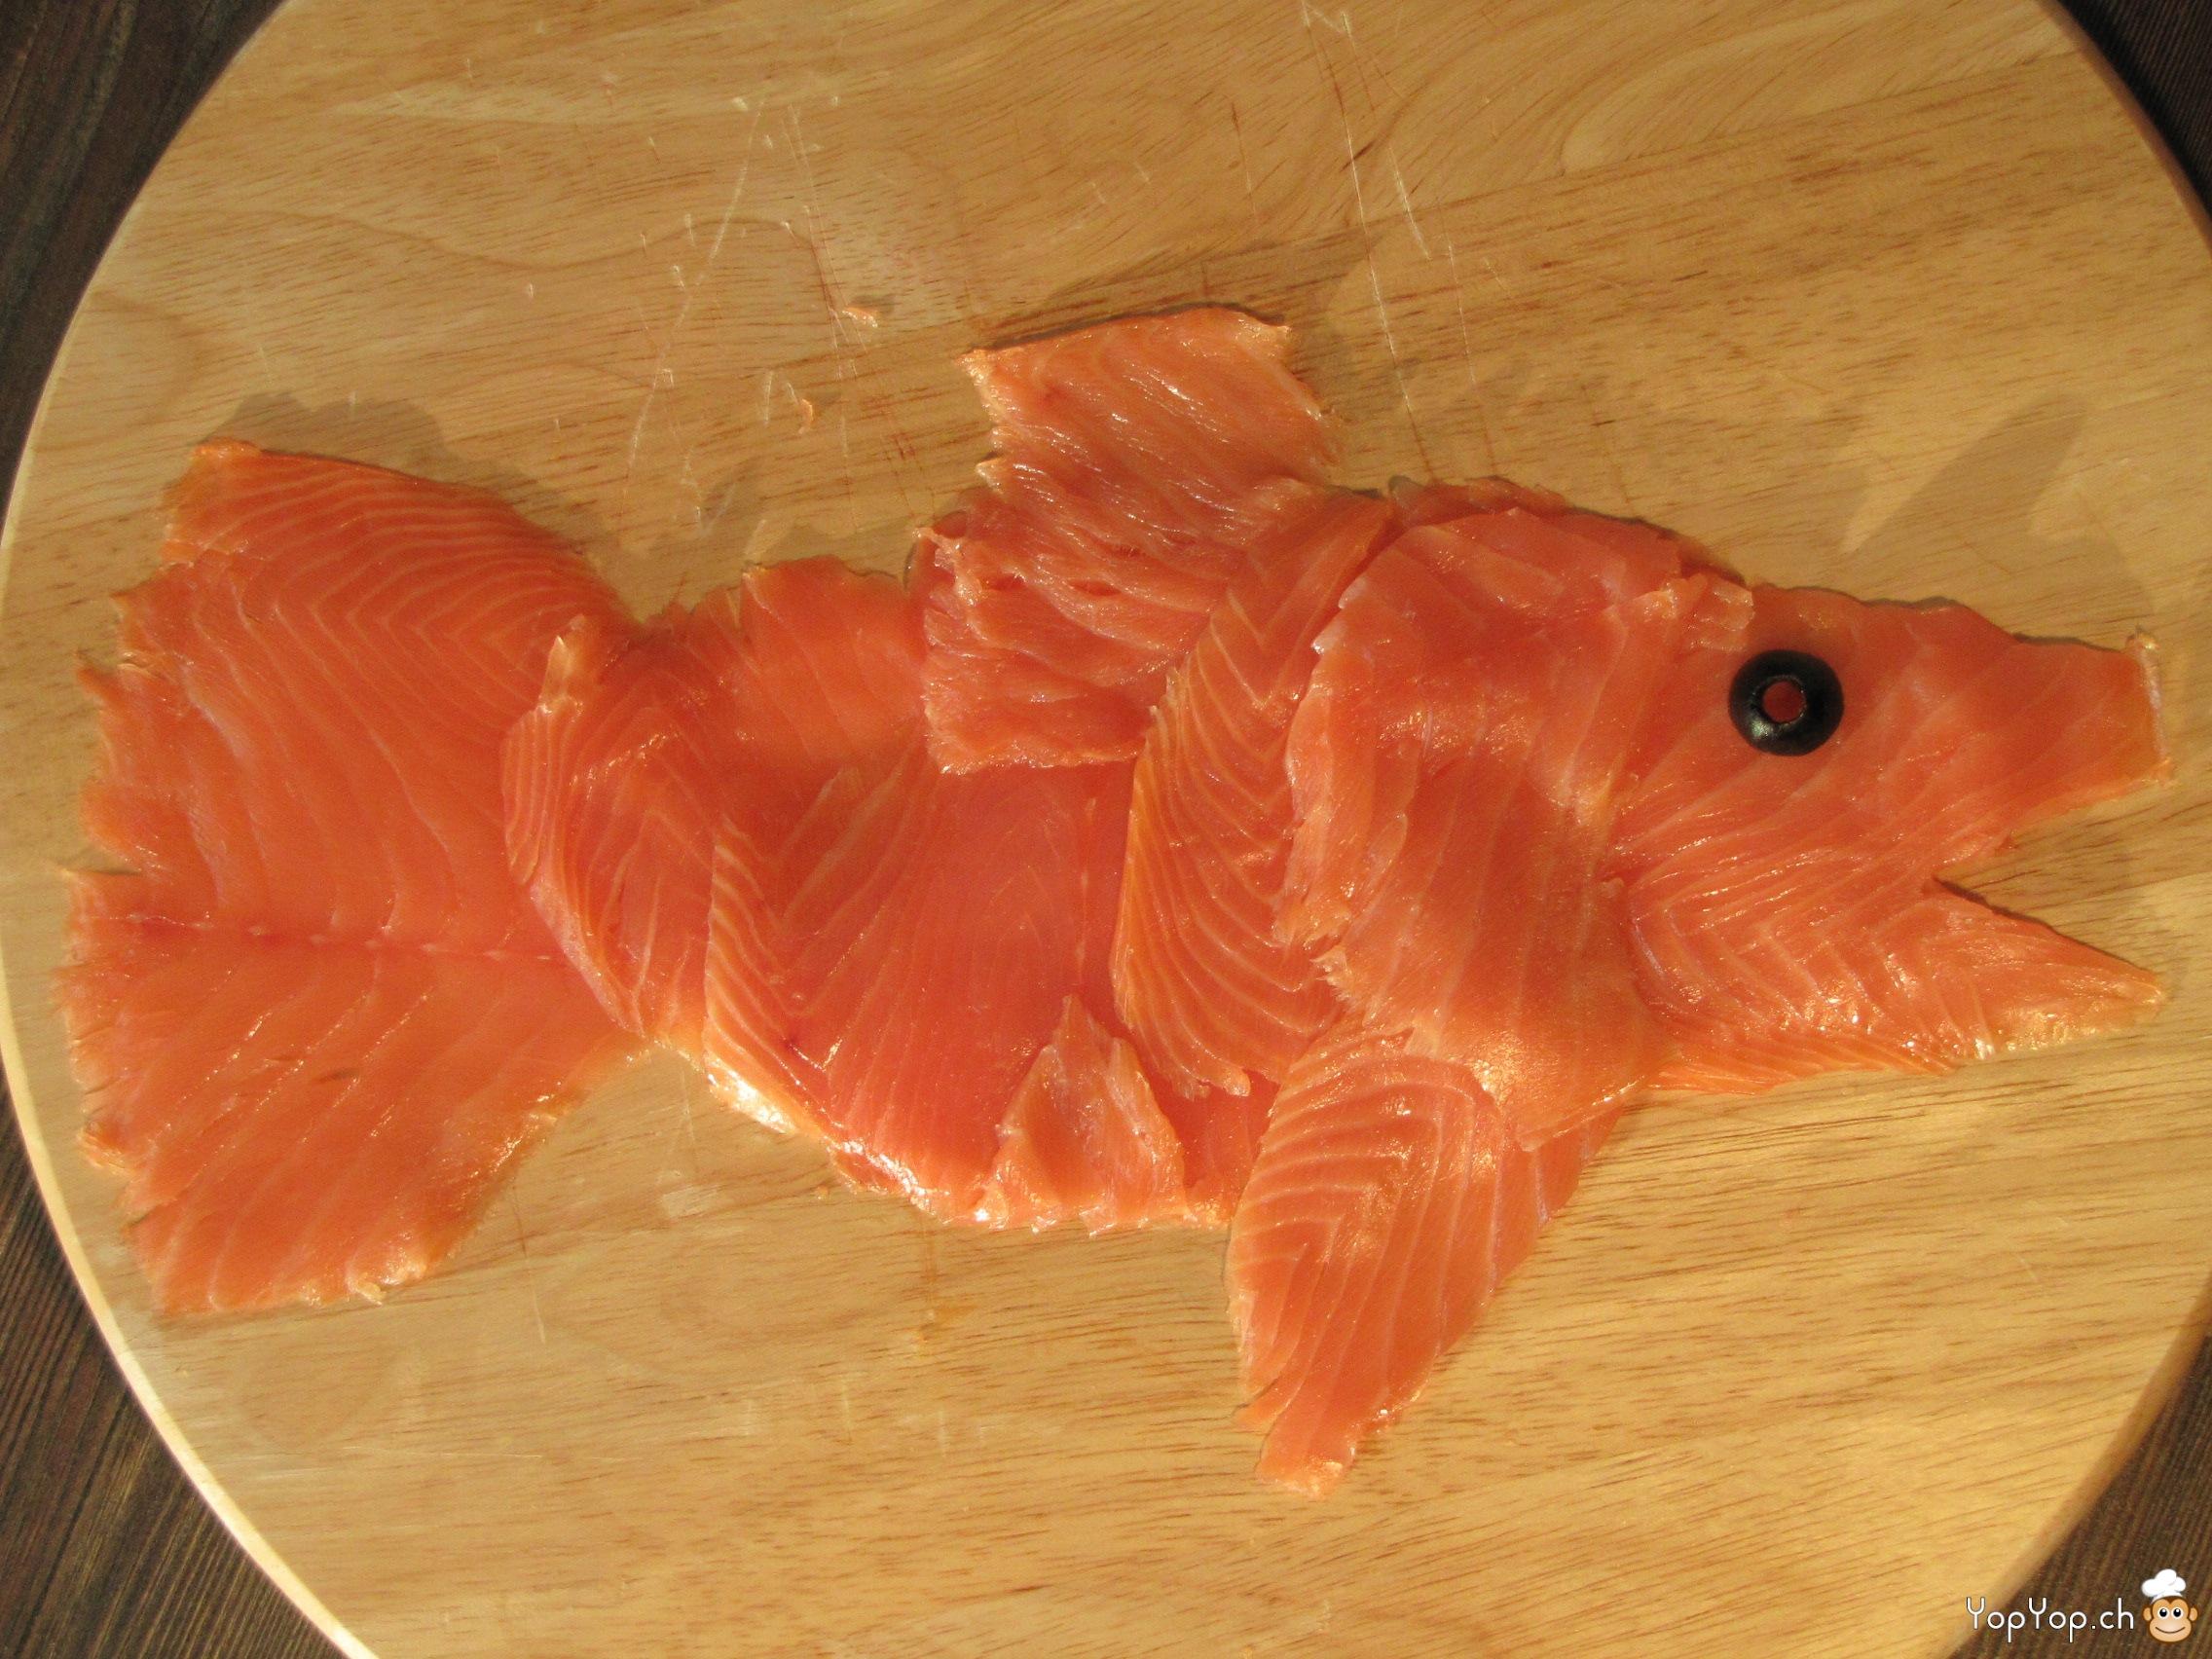 Bien connu Comment présenter le saumon fumé pour un buffet - YopYop.ch YW07